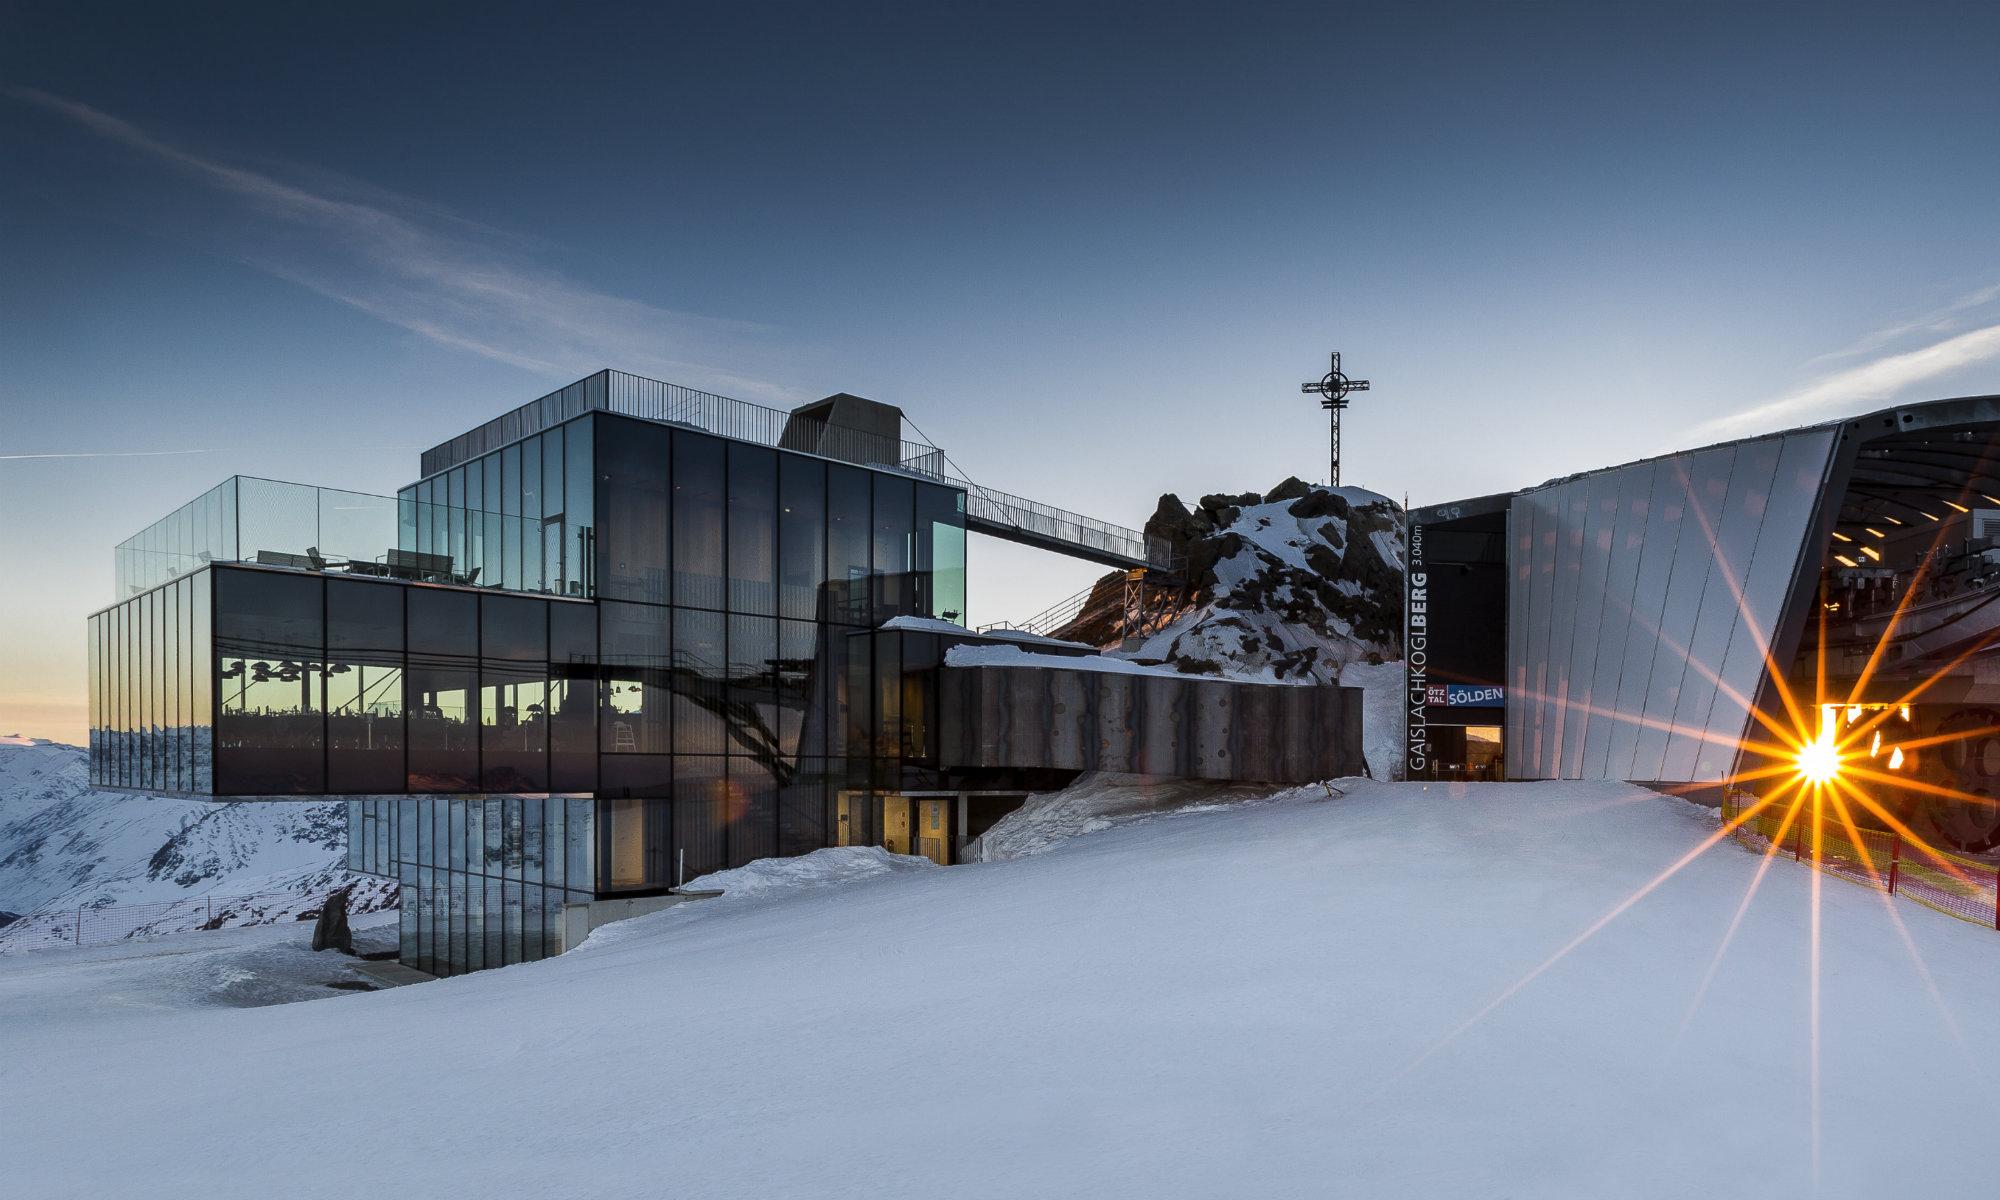 Das Restaurant ice Q verbindet Kulinarik mit futuristischer Architektur